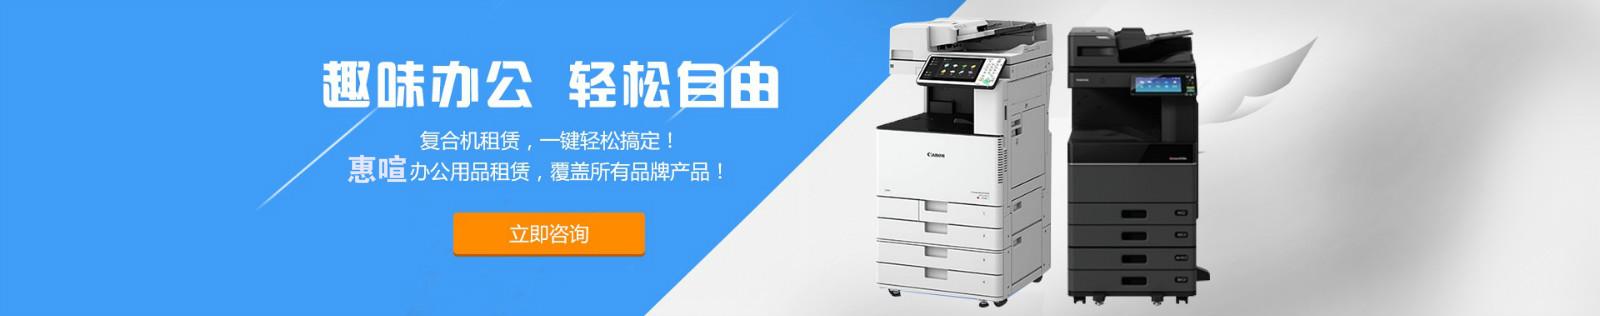 上海惠喧办公设备有限公司